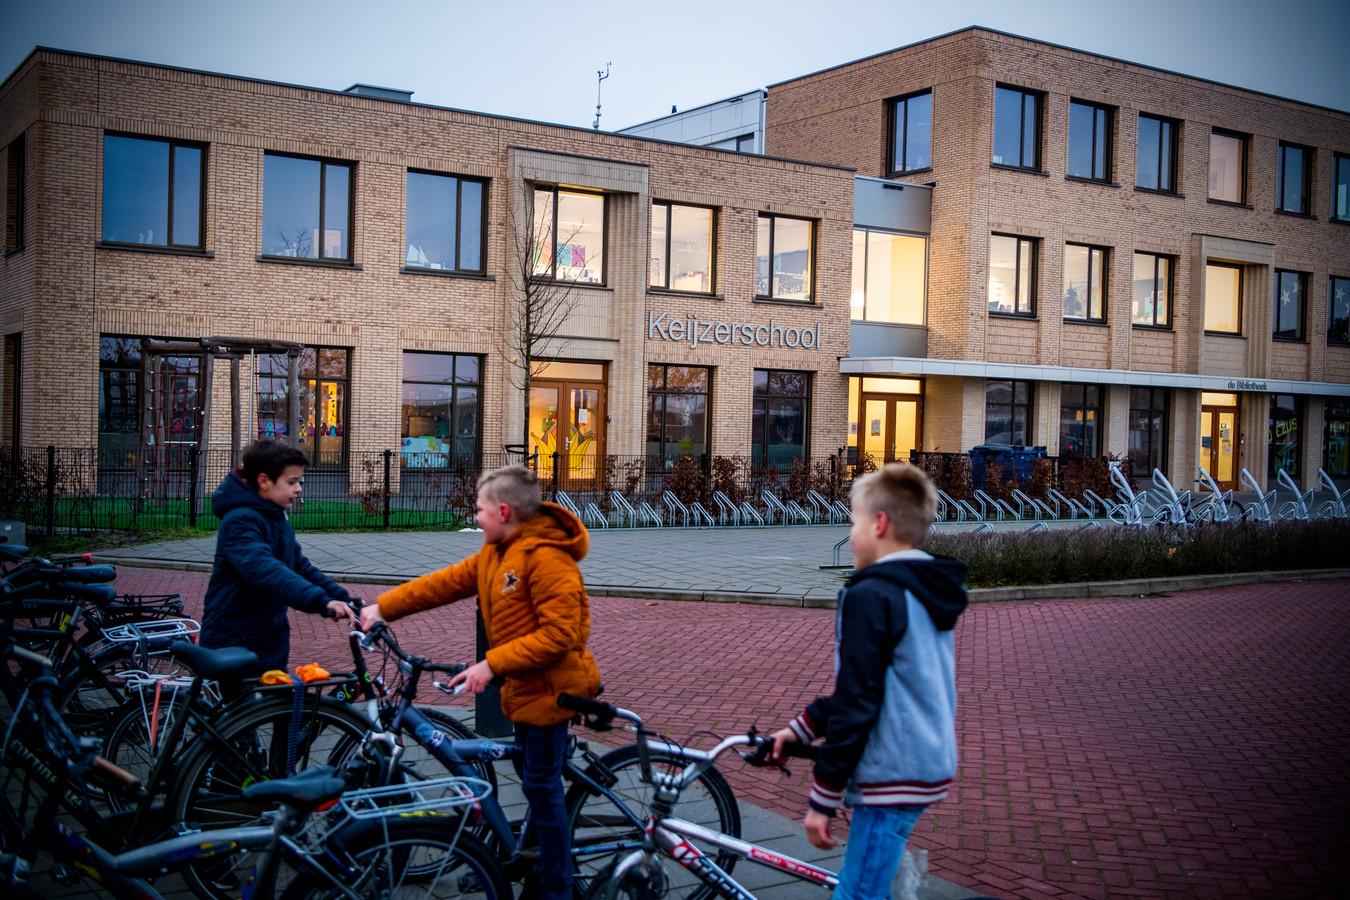 De Keijzerschool en de Rehobothschool, gevestigd in één tamelijk nieuw gebouw, groeien zo hard dat er een nieuw gebouw moet komen om de leerlingenpiek gedurende vijftien jaar op te vangen.